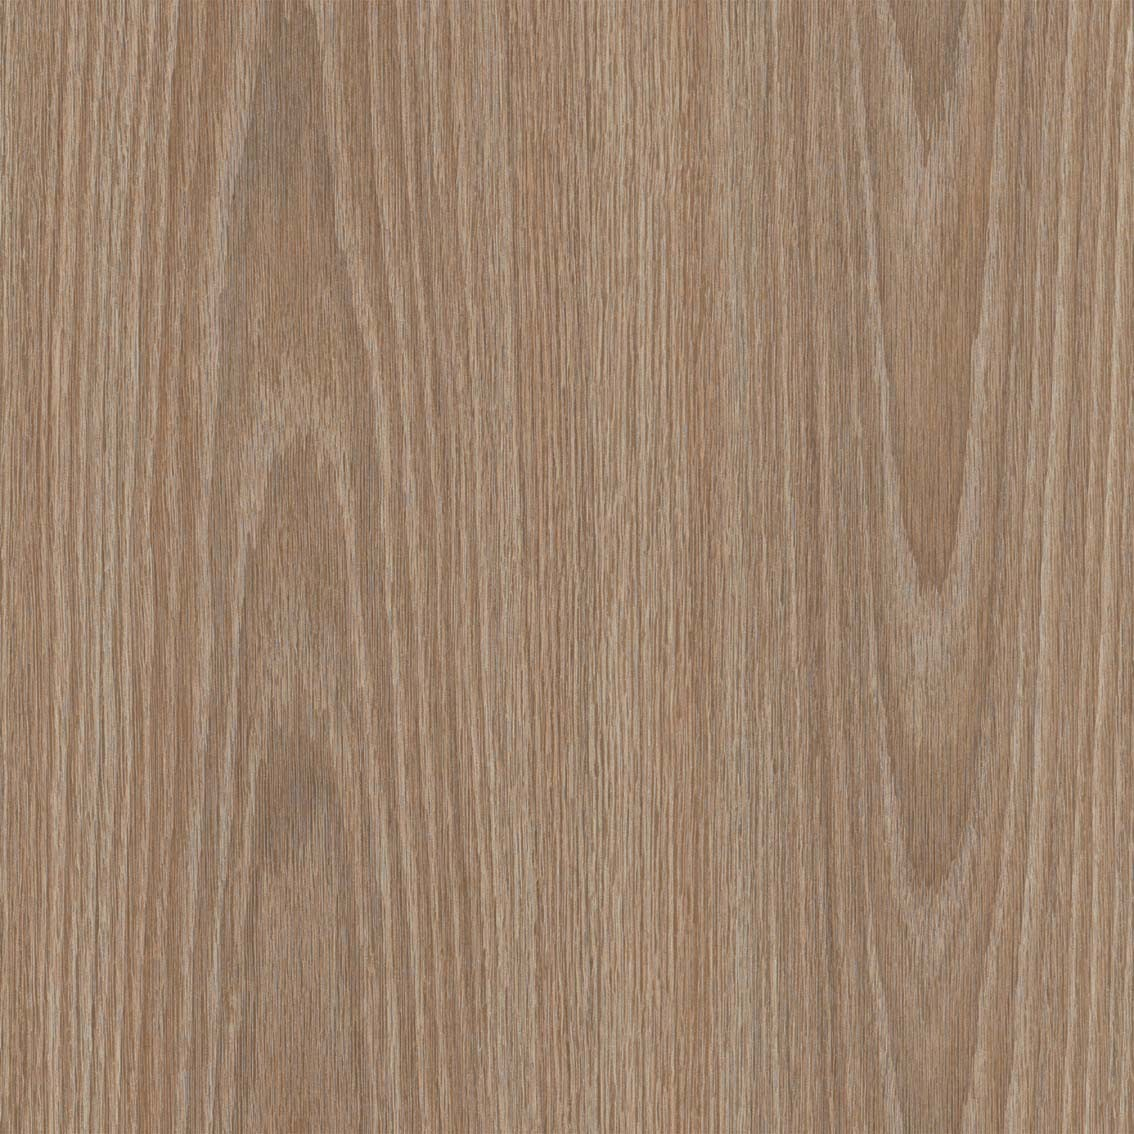 Roble lvt bd 1827 roble lvt bd 1827 proporcionado - Precio madera de roble ...